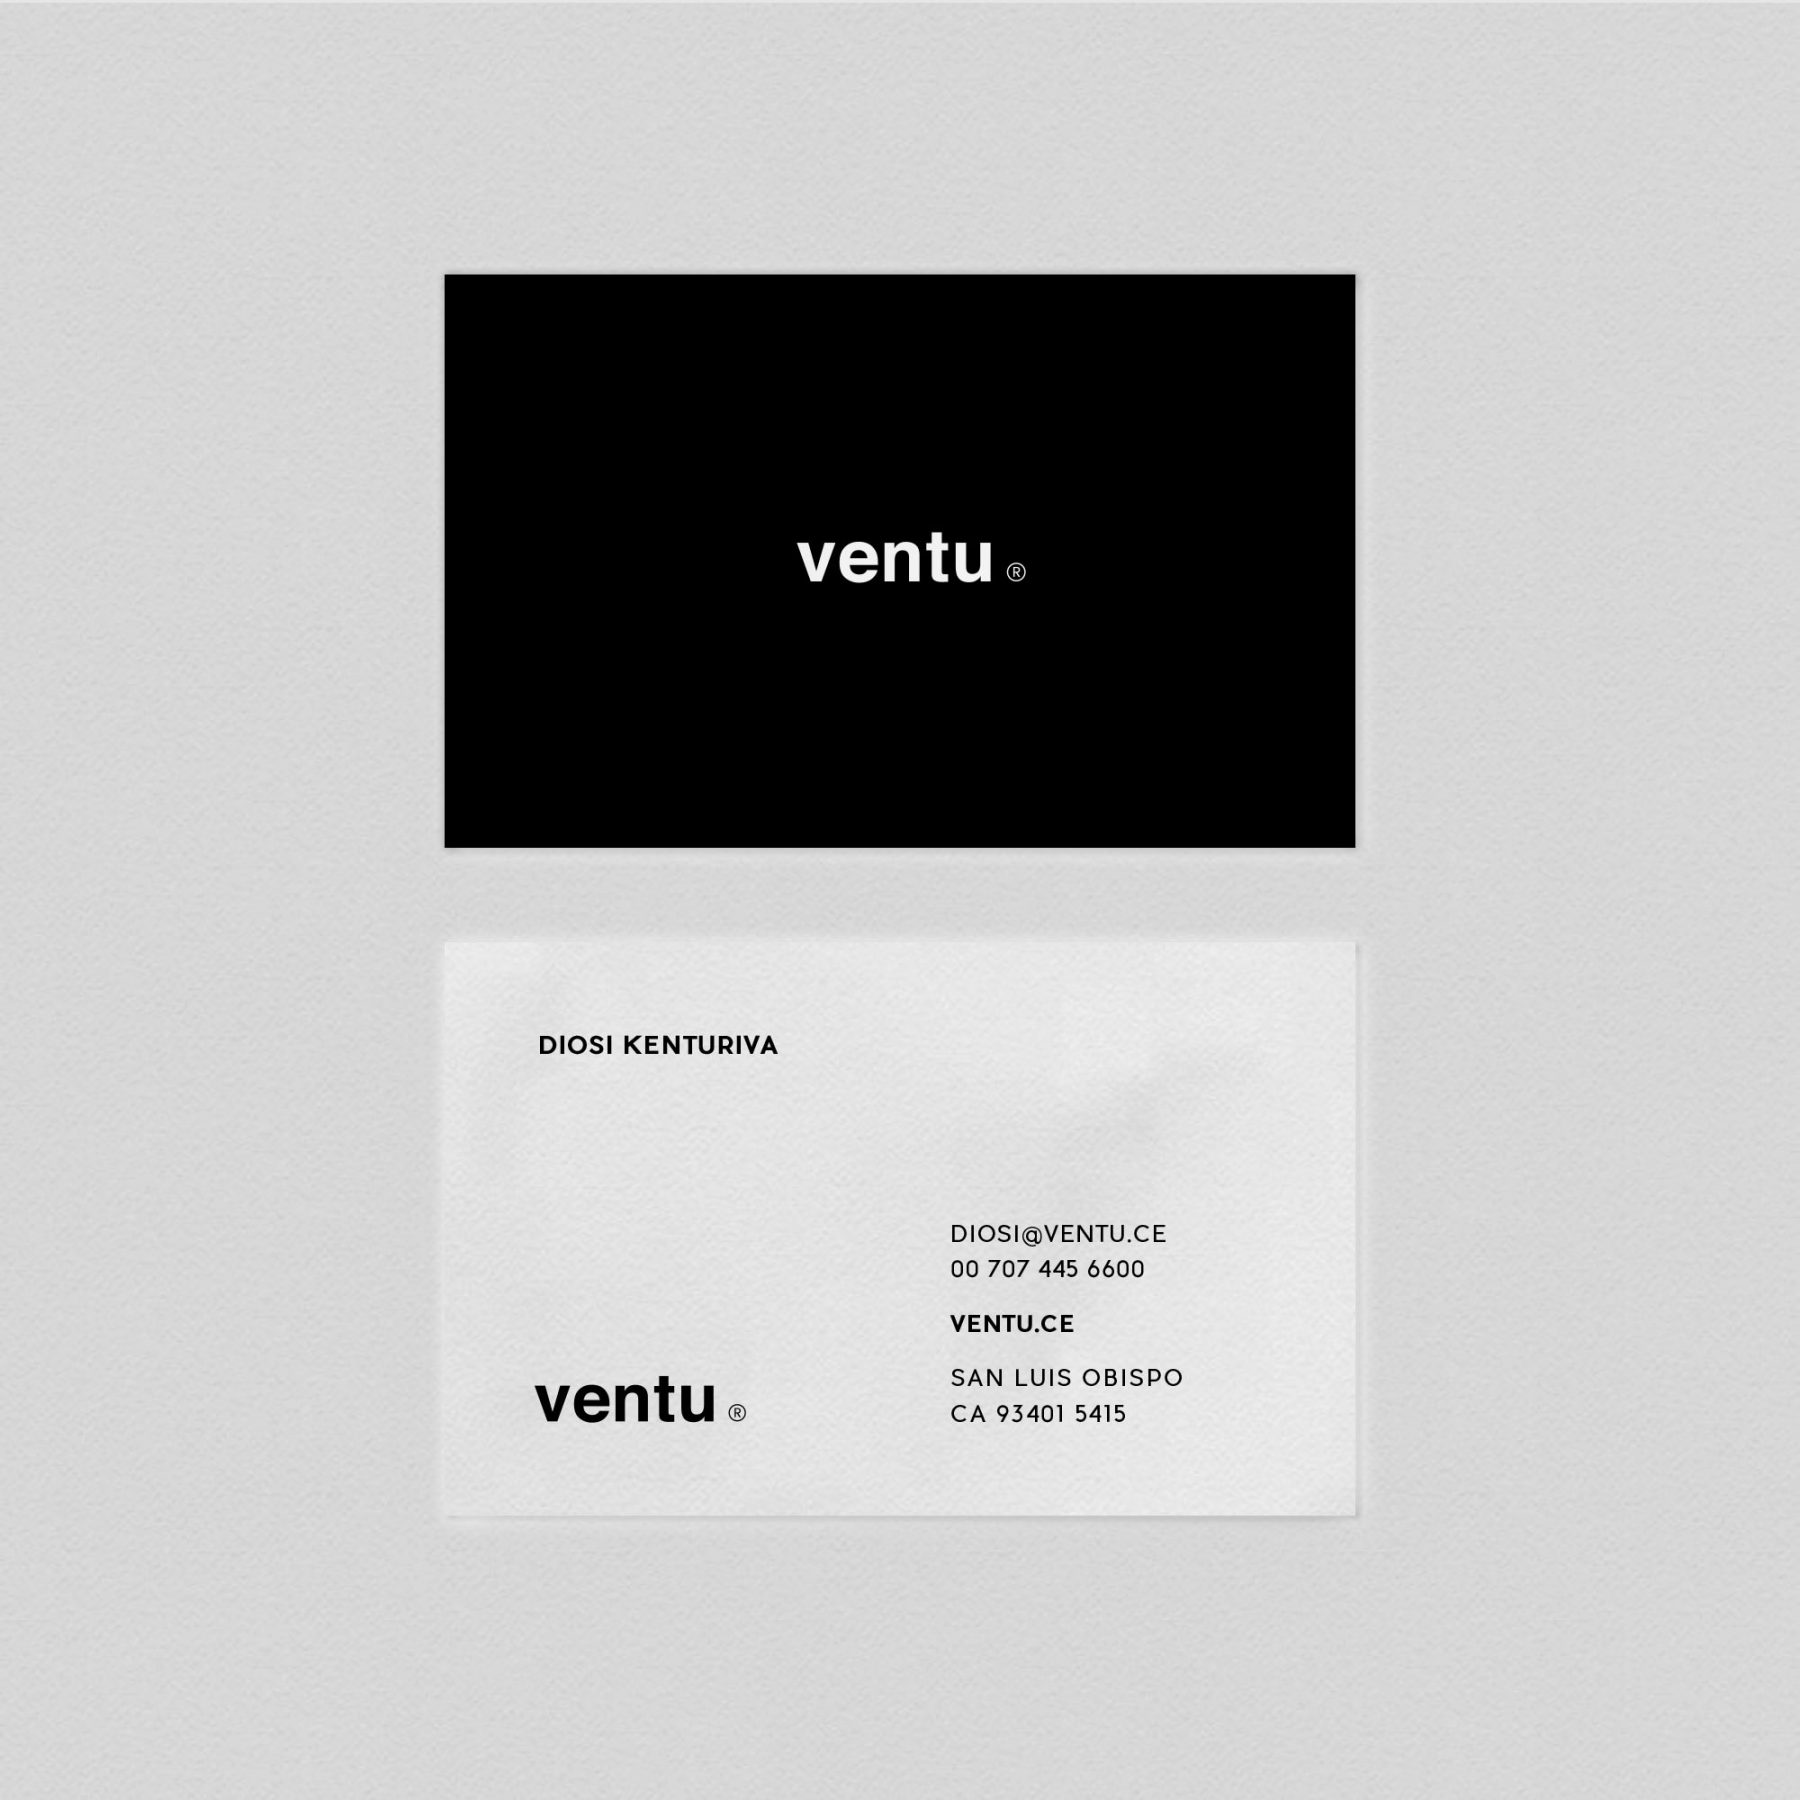 Free Ventu Business Card Template